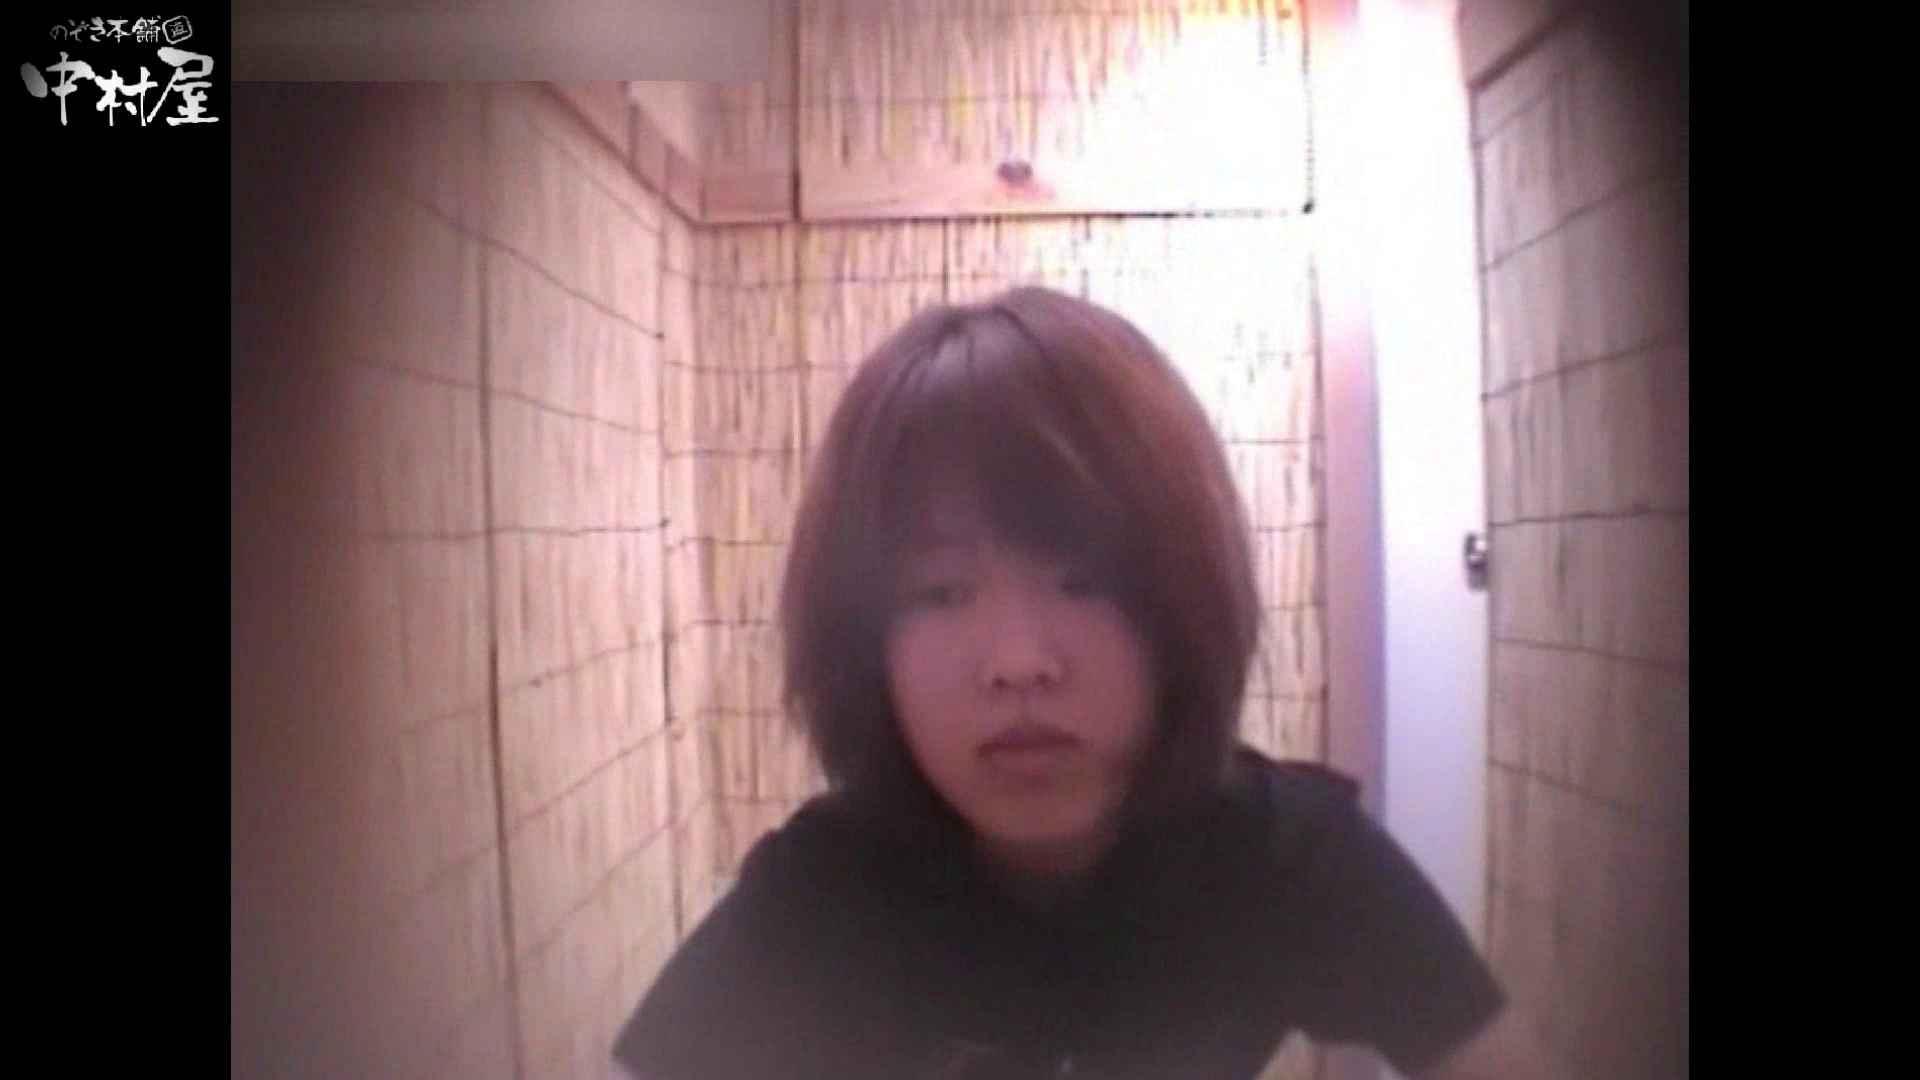 解禁!海の家4カメ洗面所vol.42 ギャルのエロ動画 | 洗面所編  87PIX 61